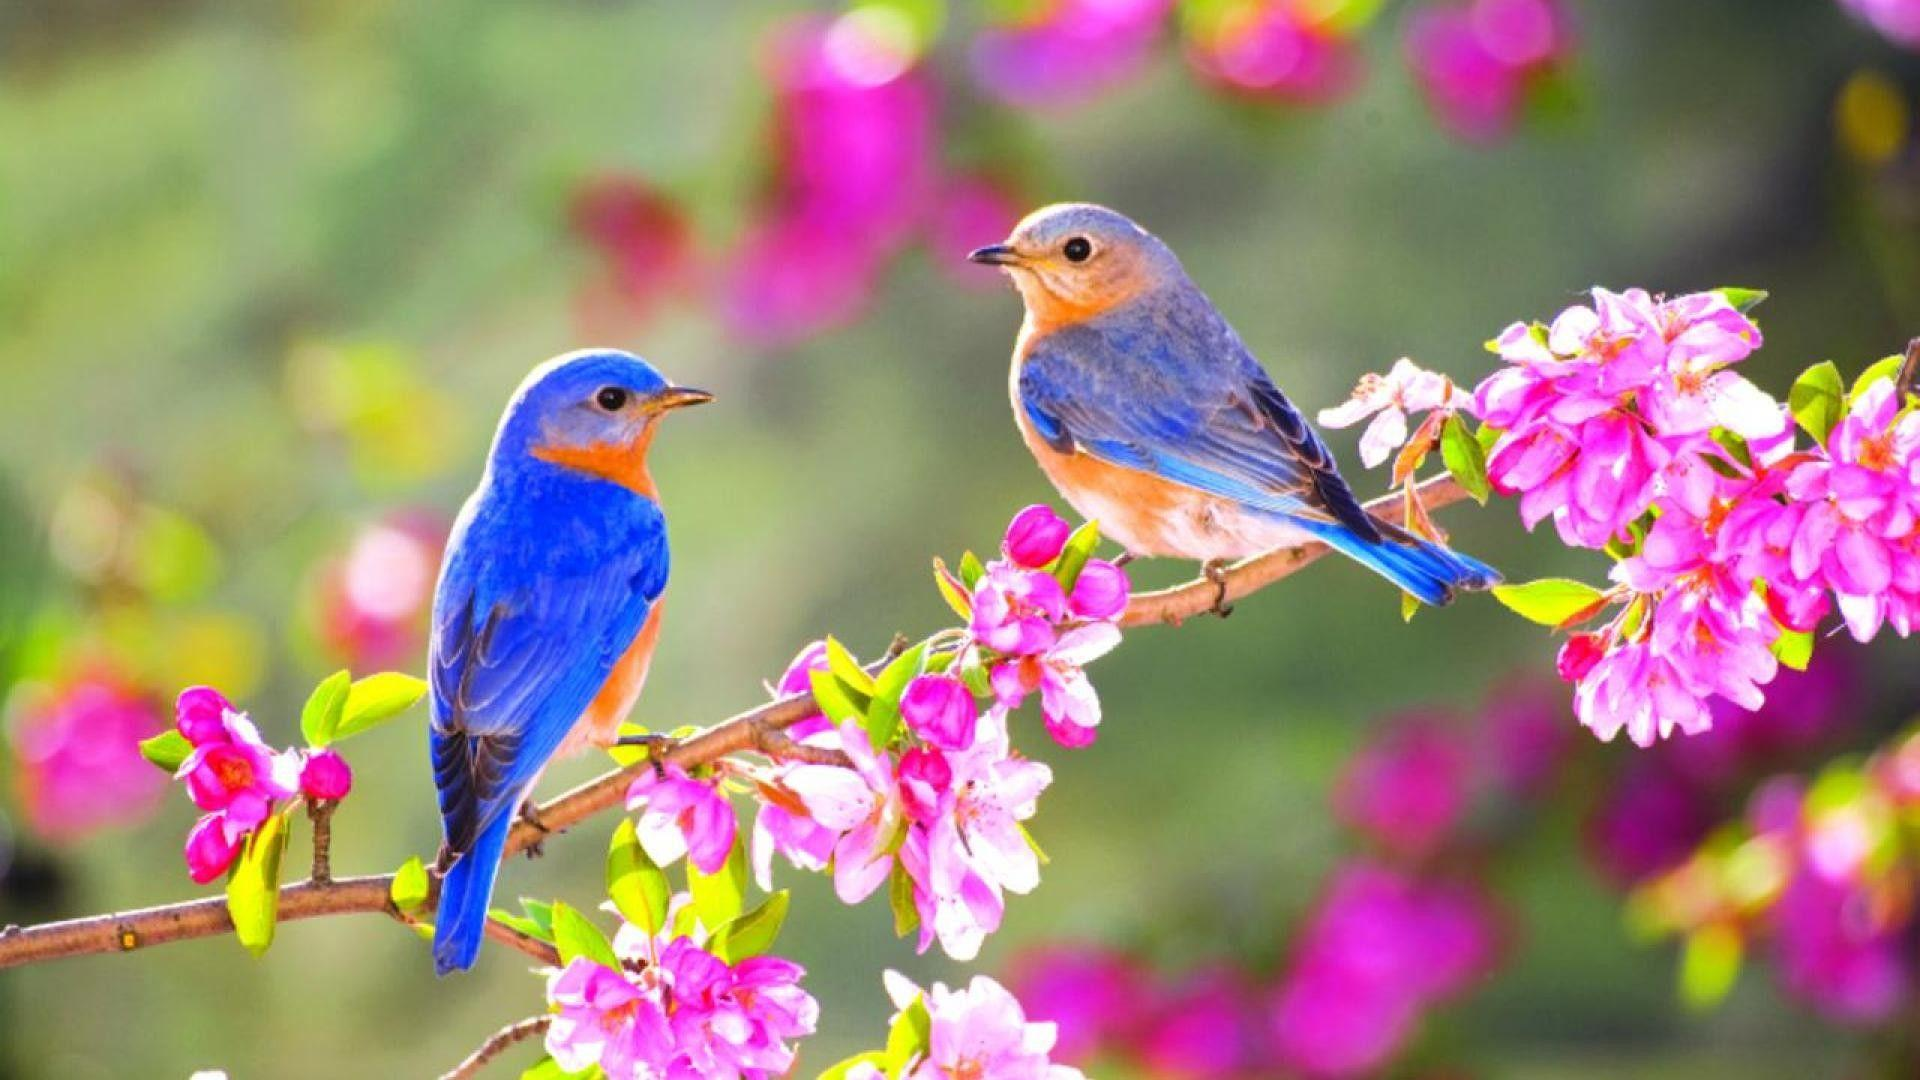 Desktop Birds Wallpapers Wallpaper Cave